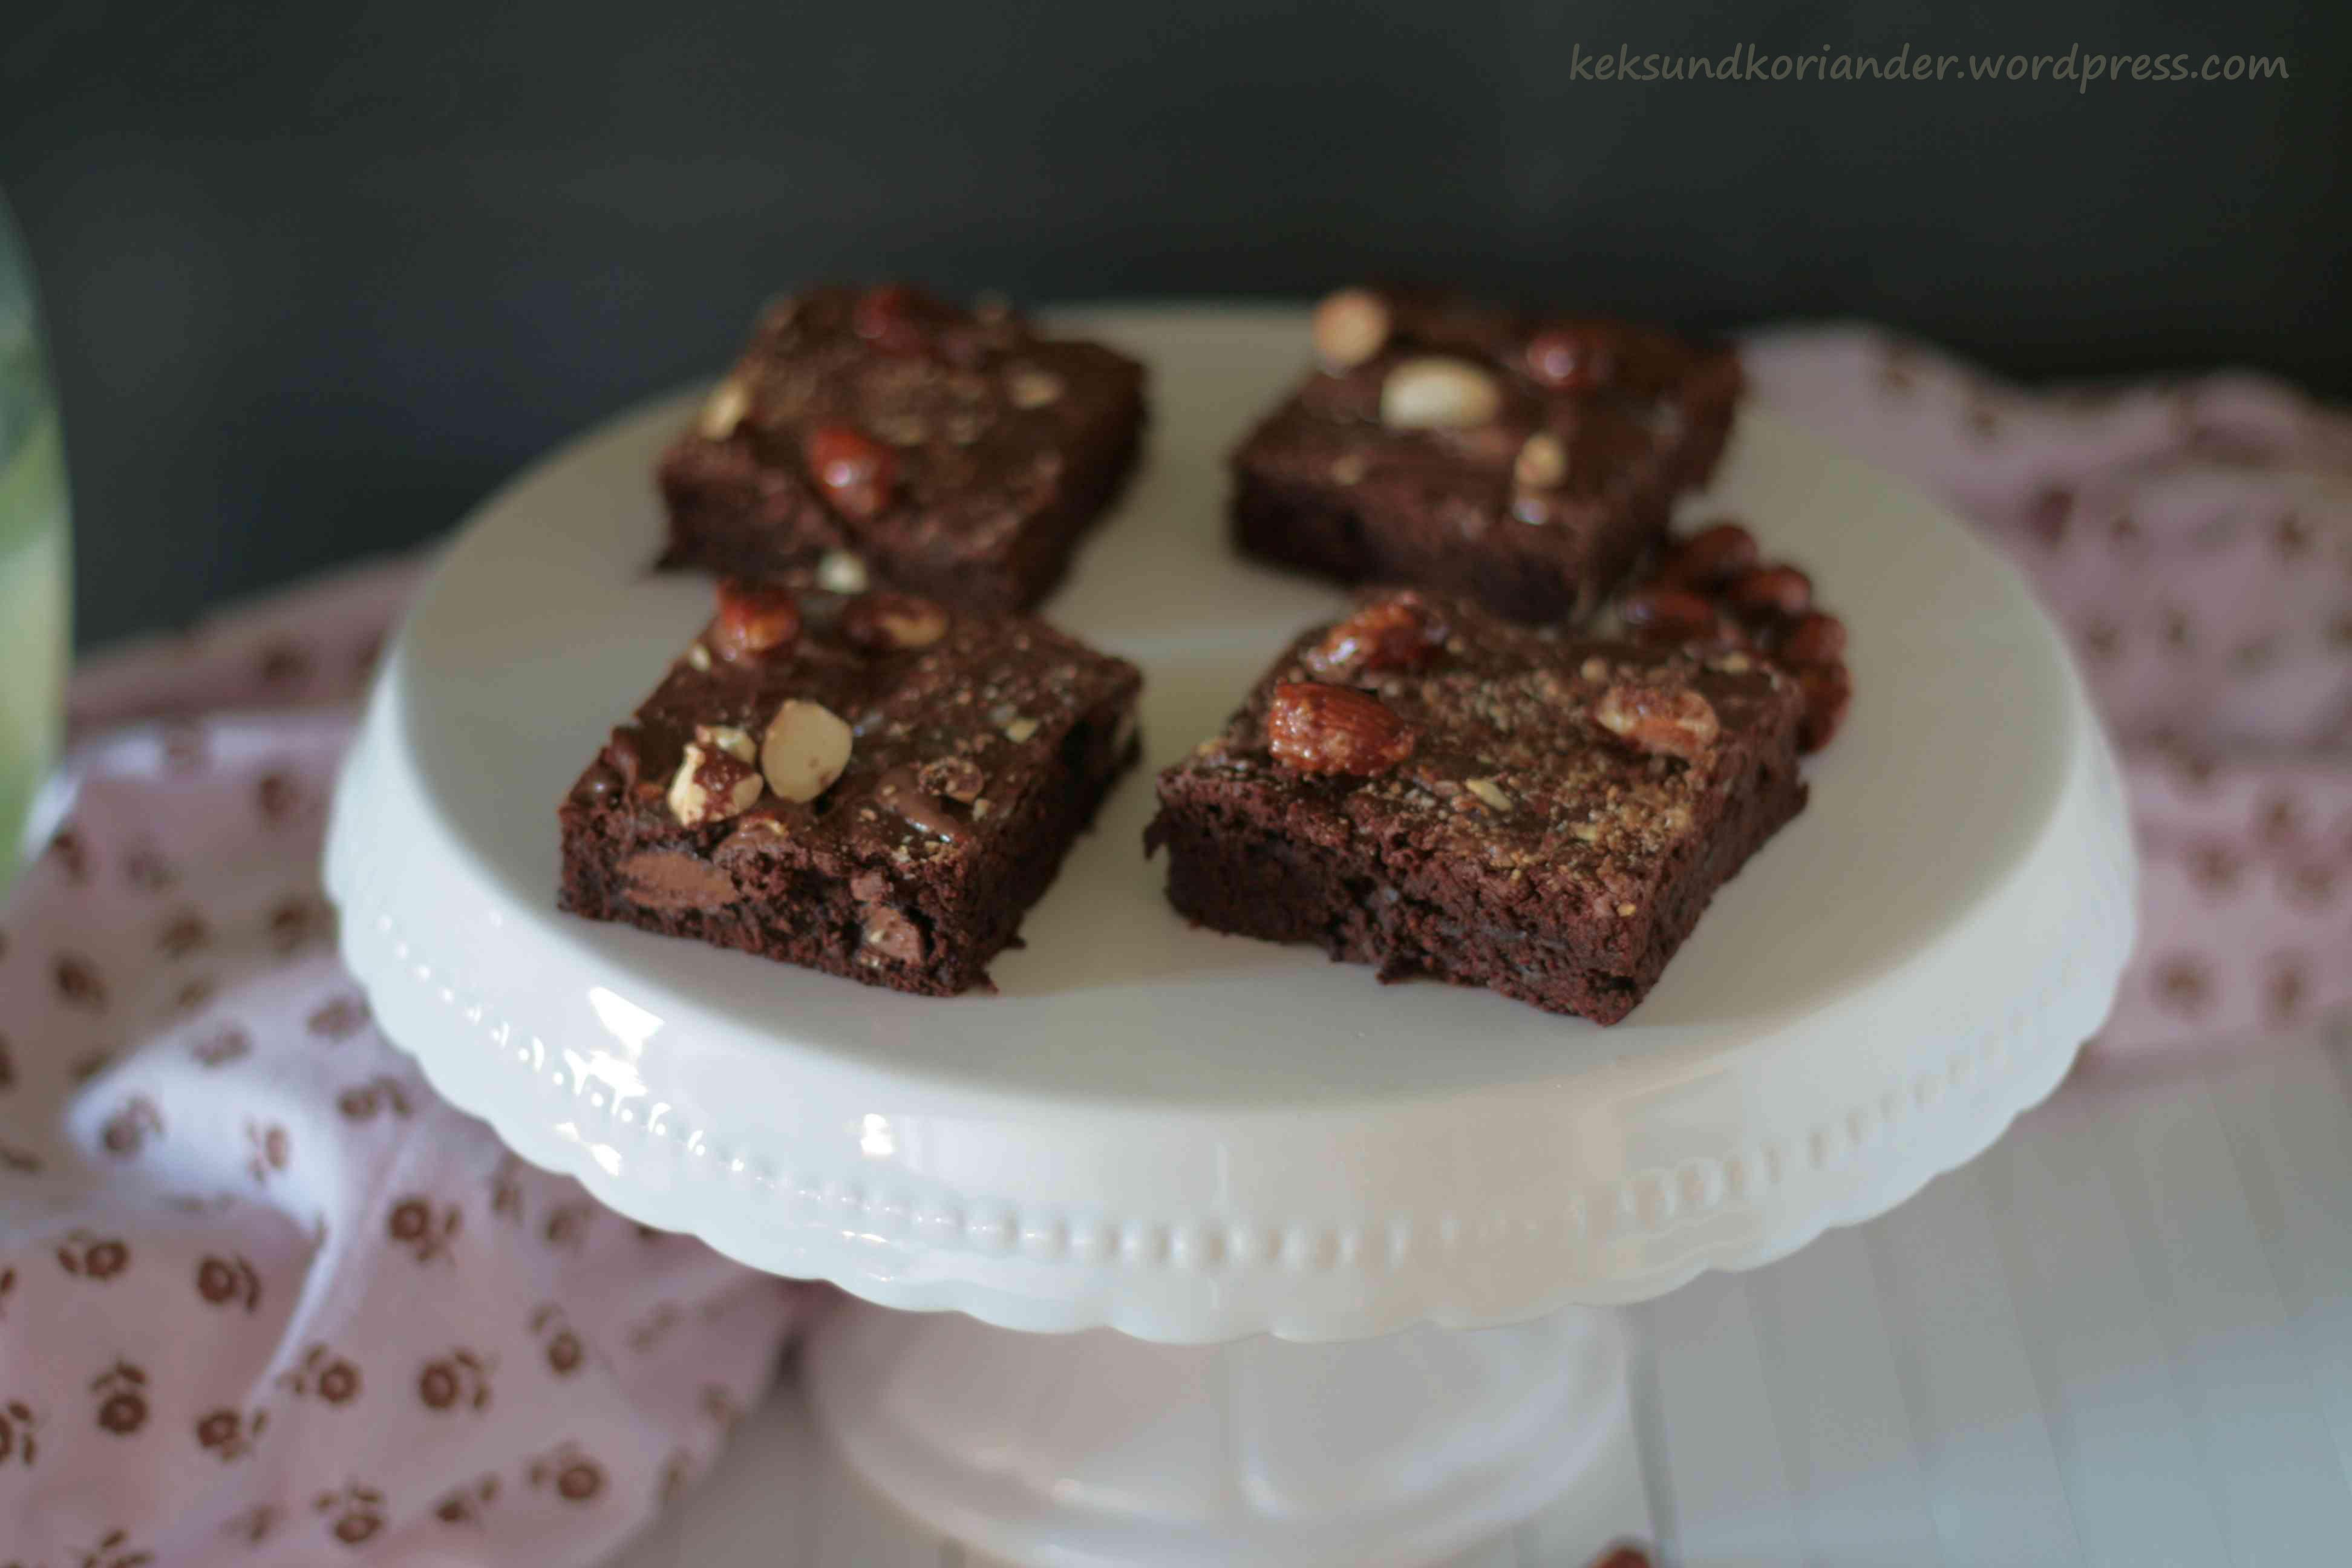 Brownies vorne scharf mit Schrift